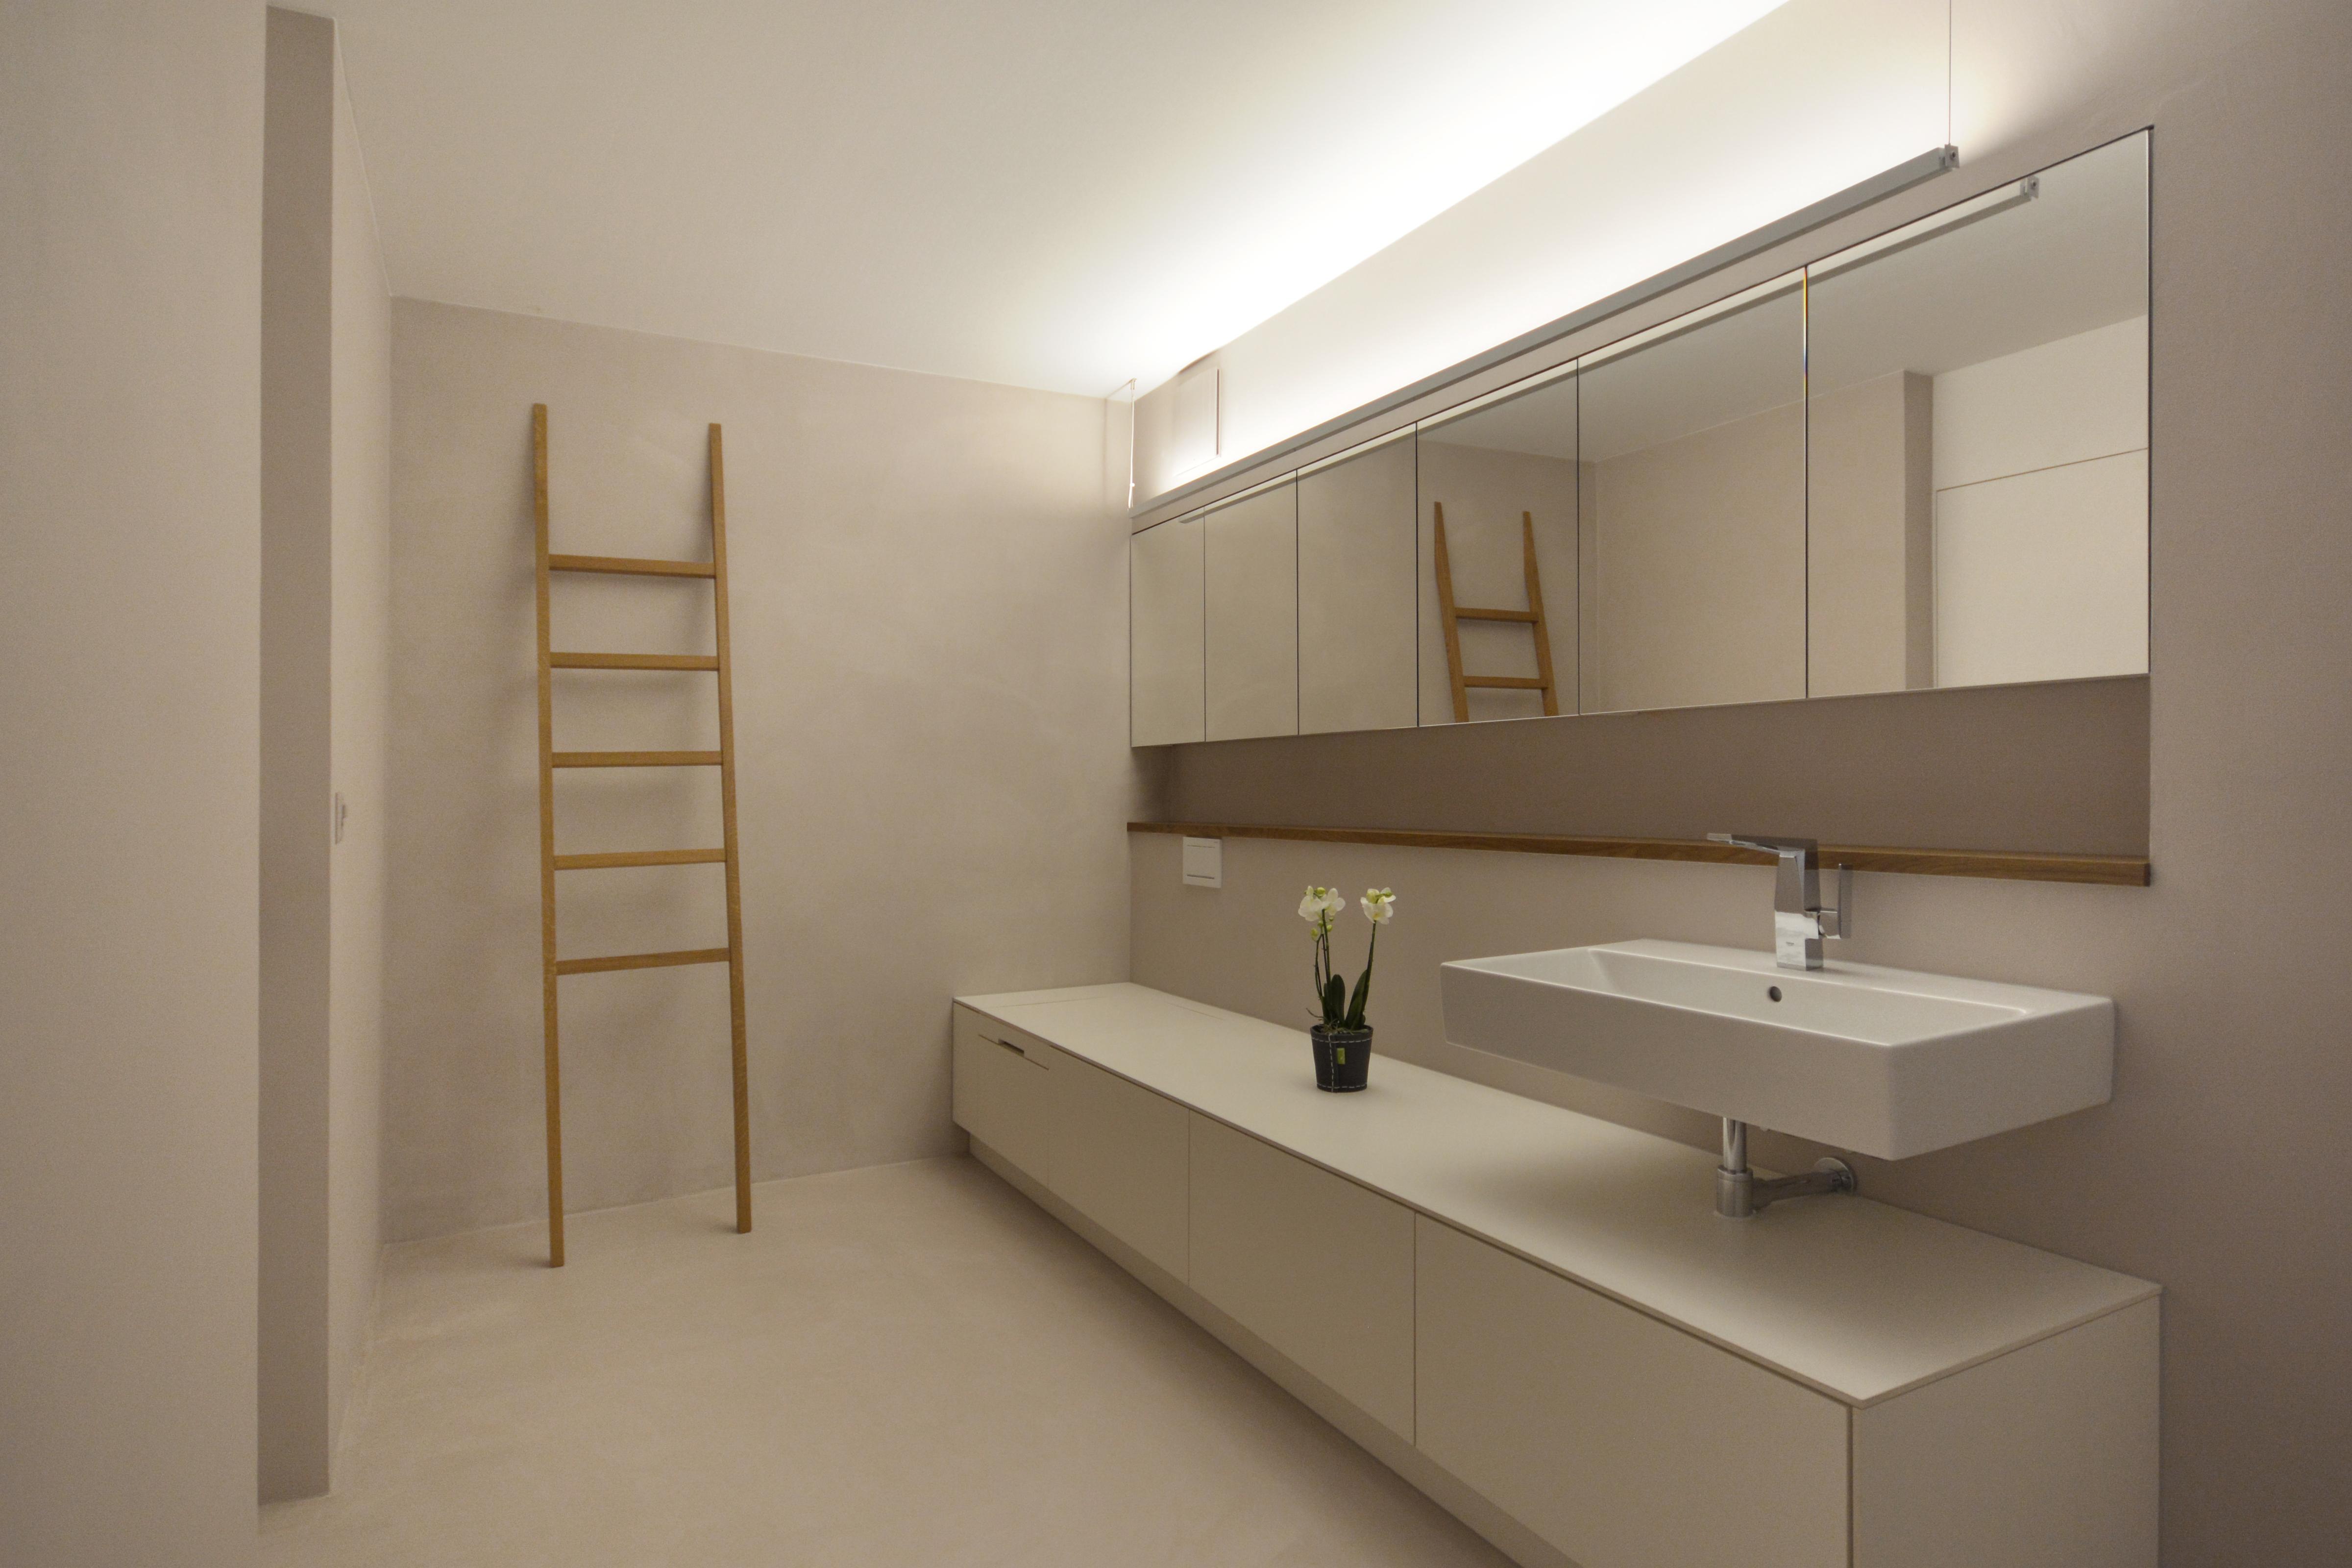 Innenarchitektur Wohnung wohnung ennetbaden innenarchitektur leitgedanke projekte bogen